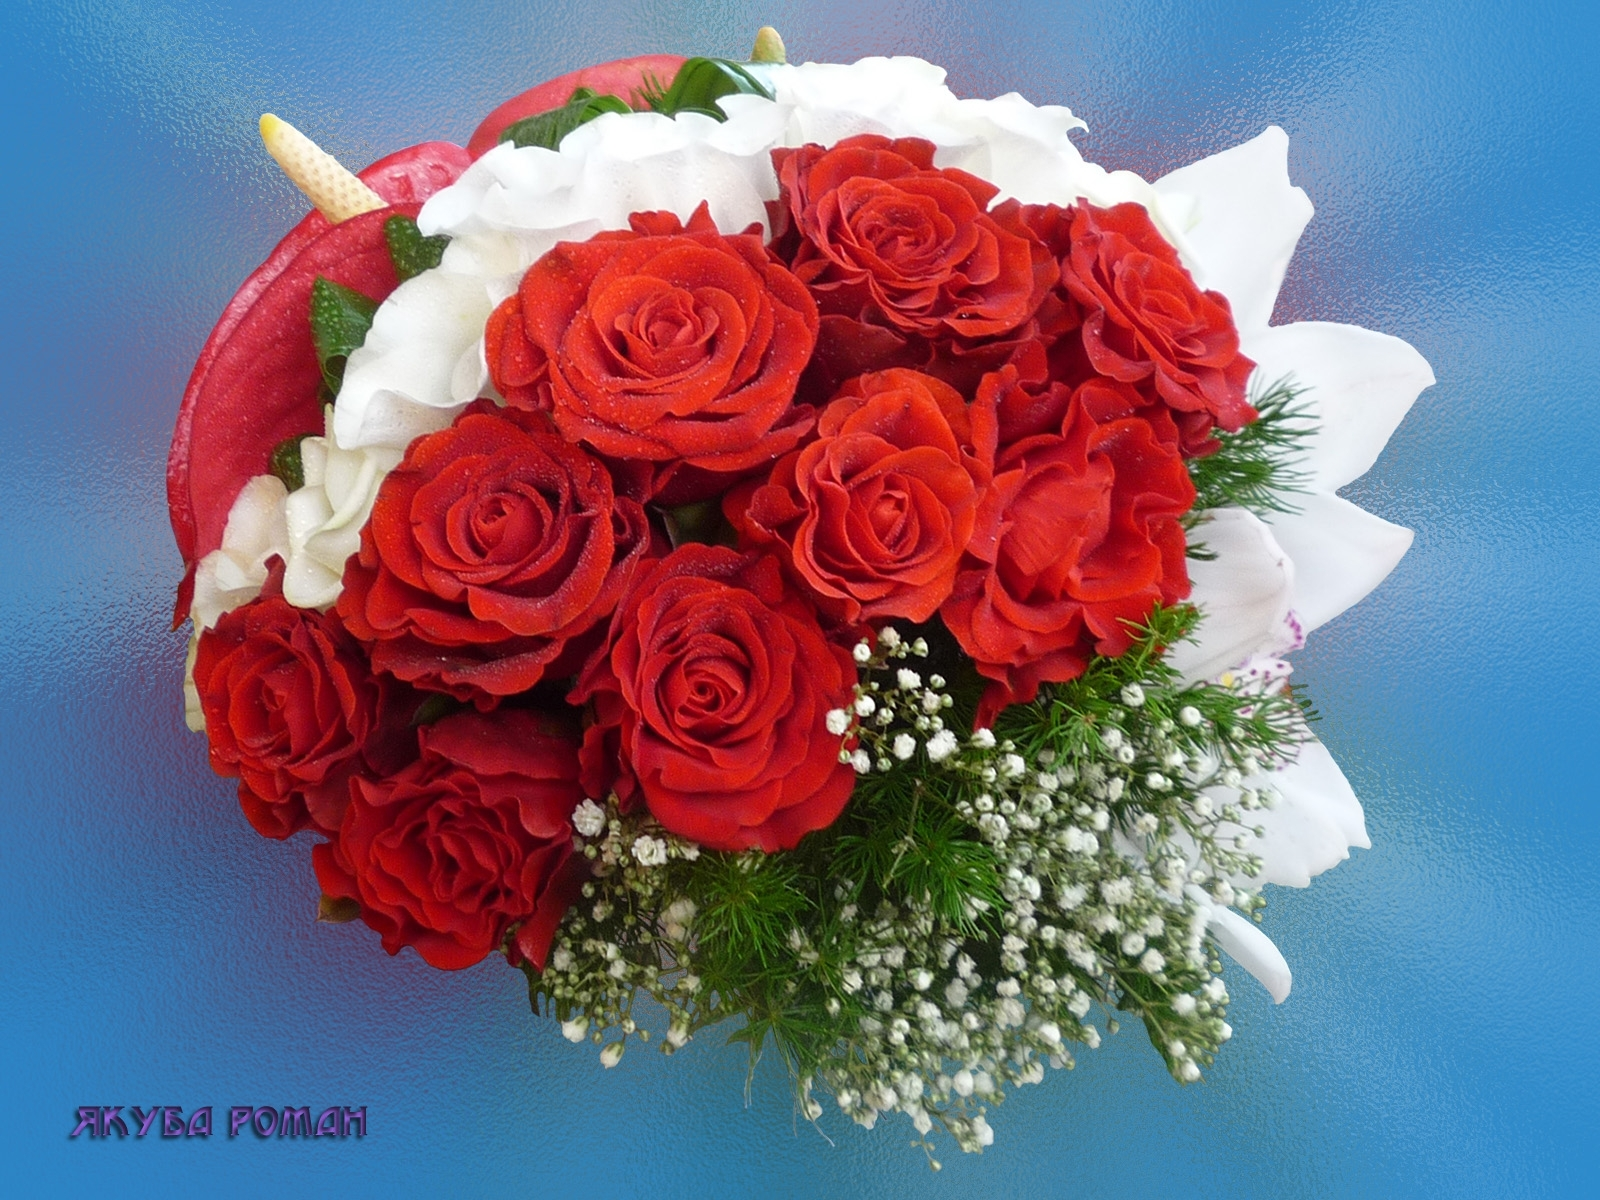 3436 Hintergrundbild herunterladen Blumen, Feiertage, Pflanzen, Roses, Postkarten - Bildschirmschoner und Bilder kostenlos